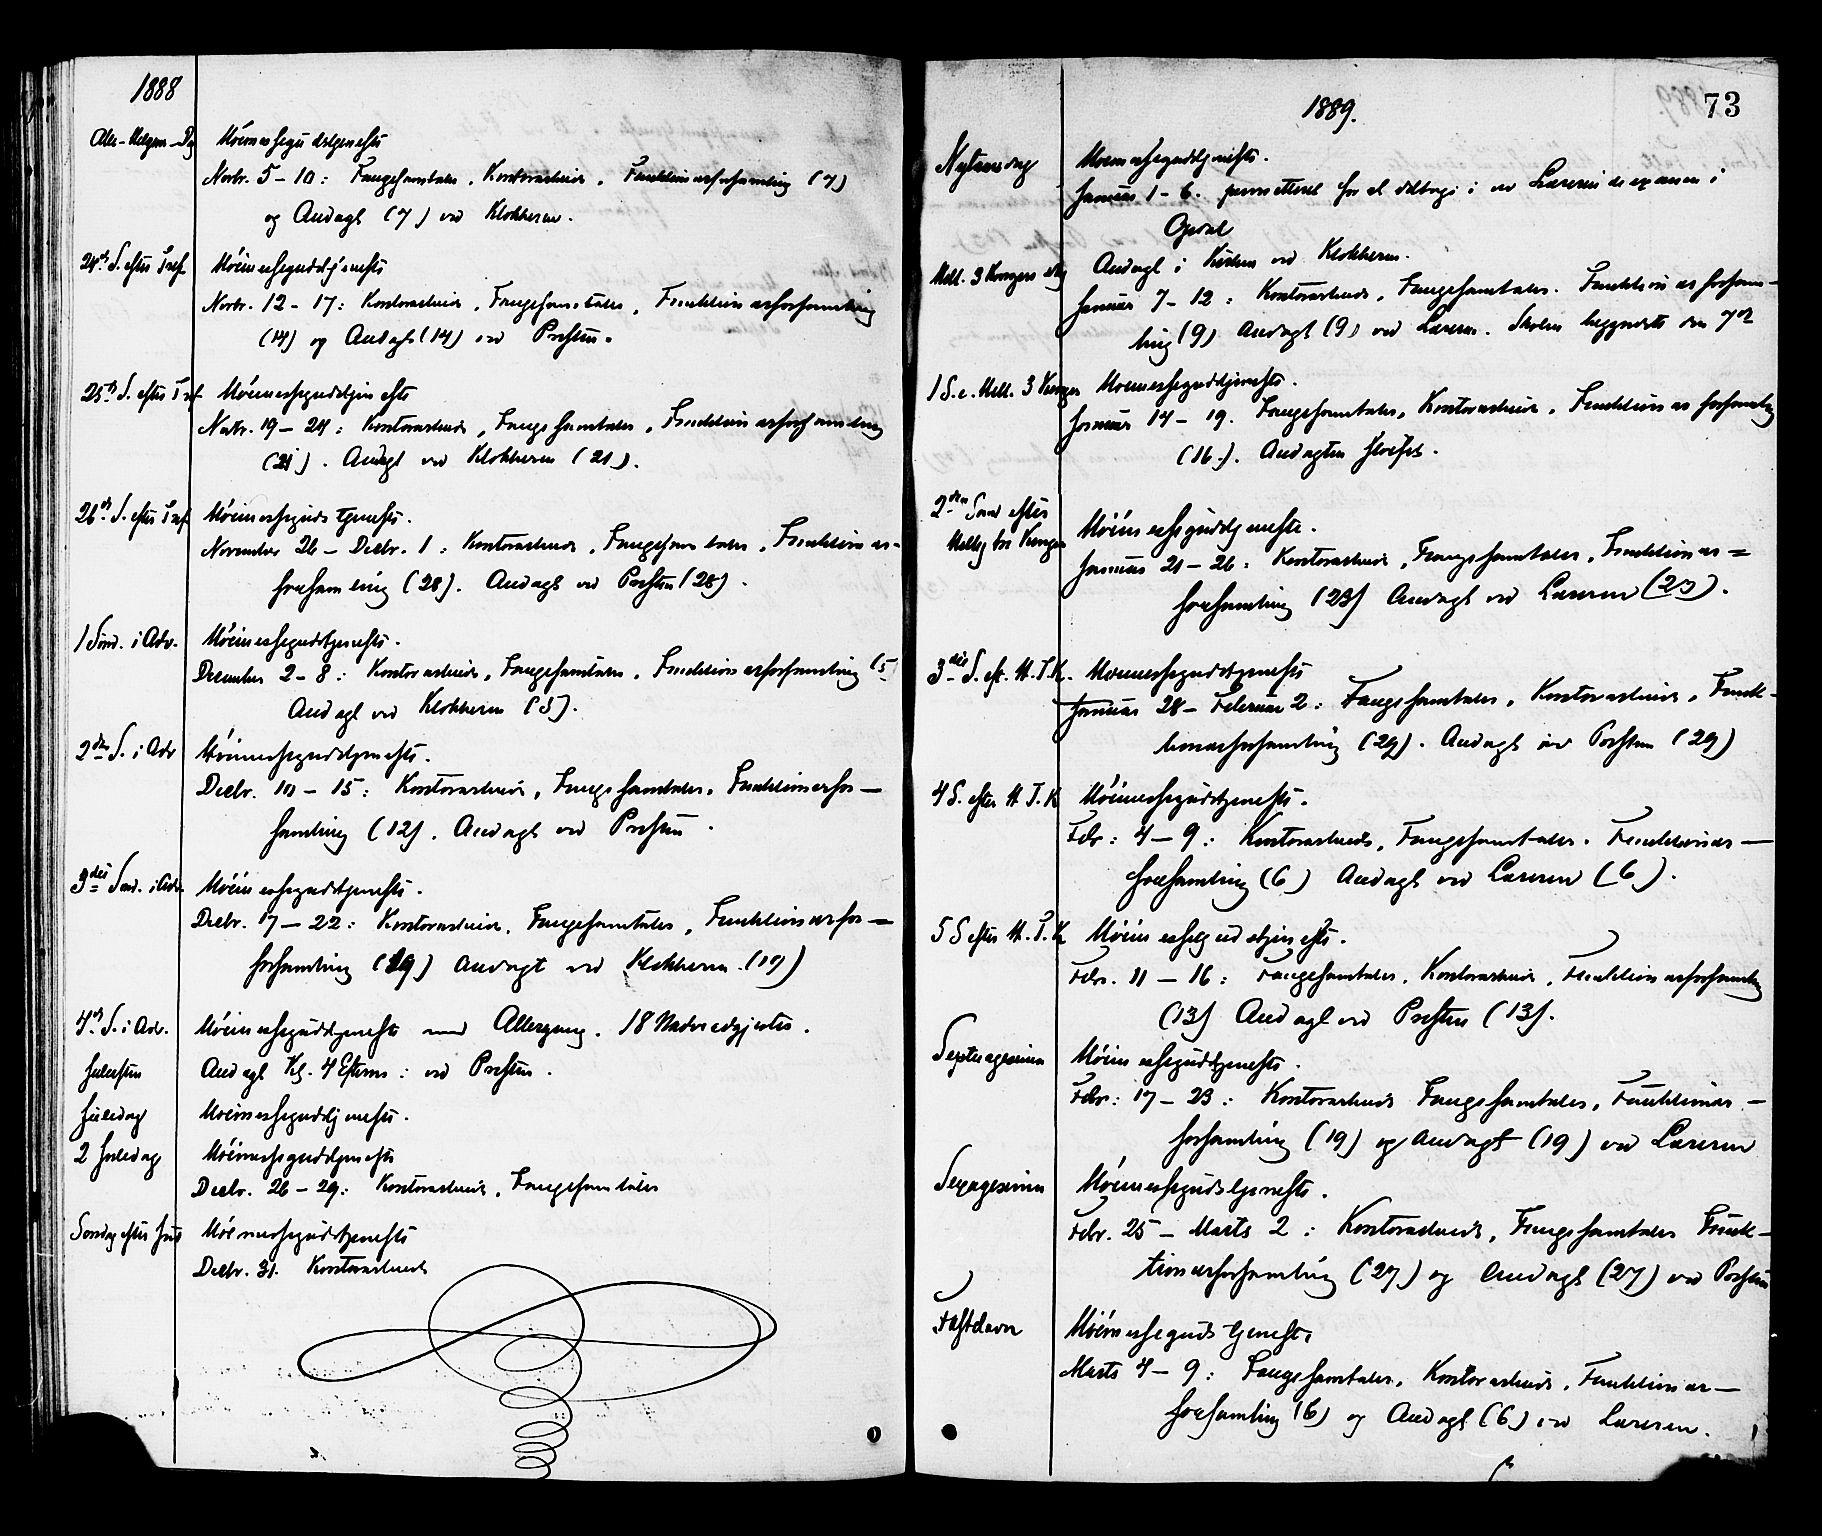 SAT, Ministerialprotokoller, klokkerbøker og fødselsregistre - Sør-Trøndelag, 624/L0482: Ministerialbok nr. 624A03, 1870-1918, s. 73